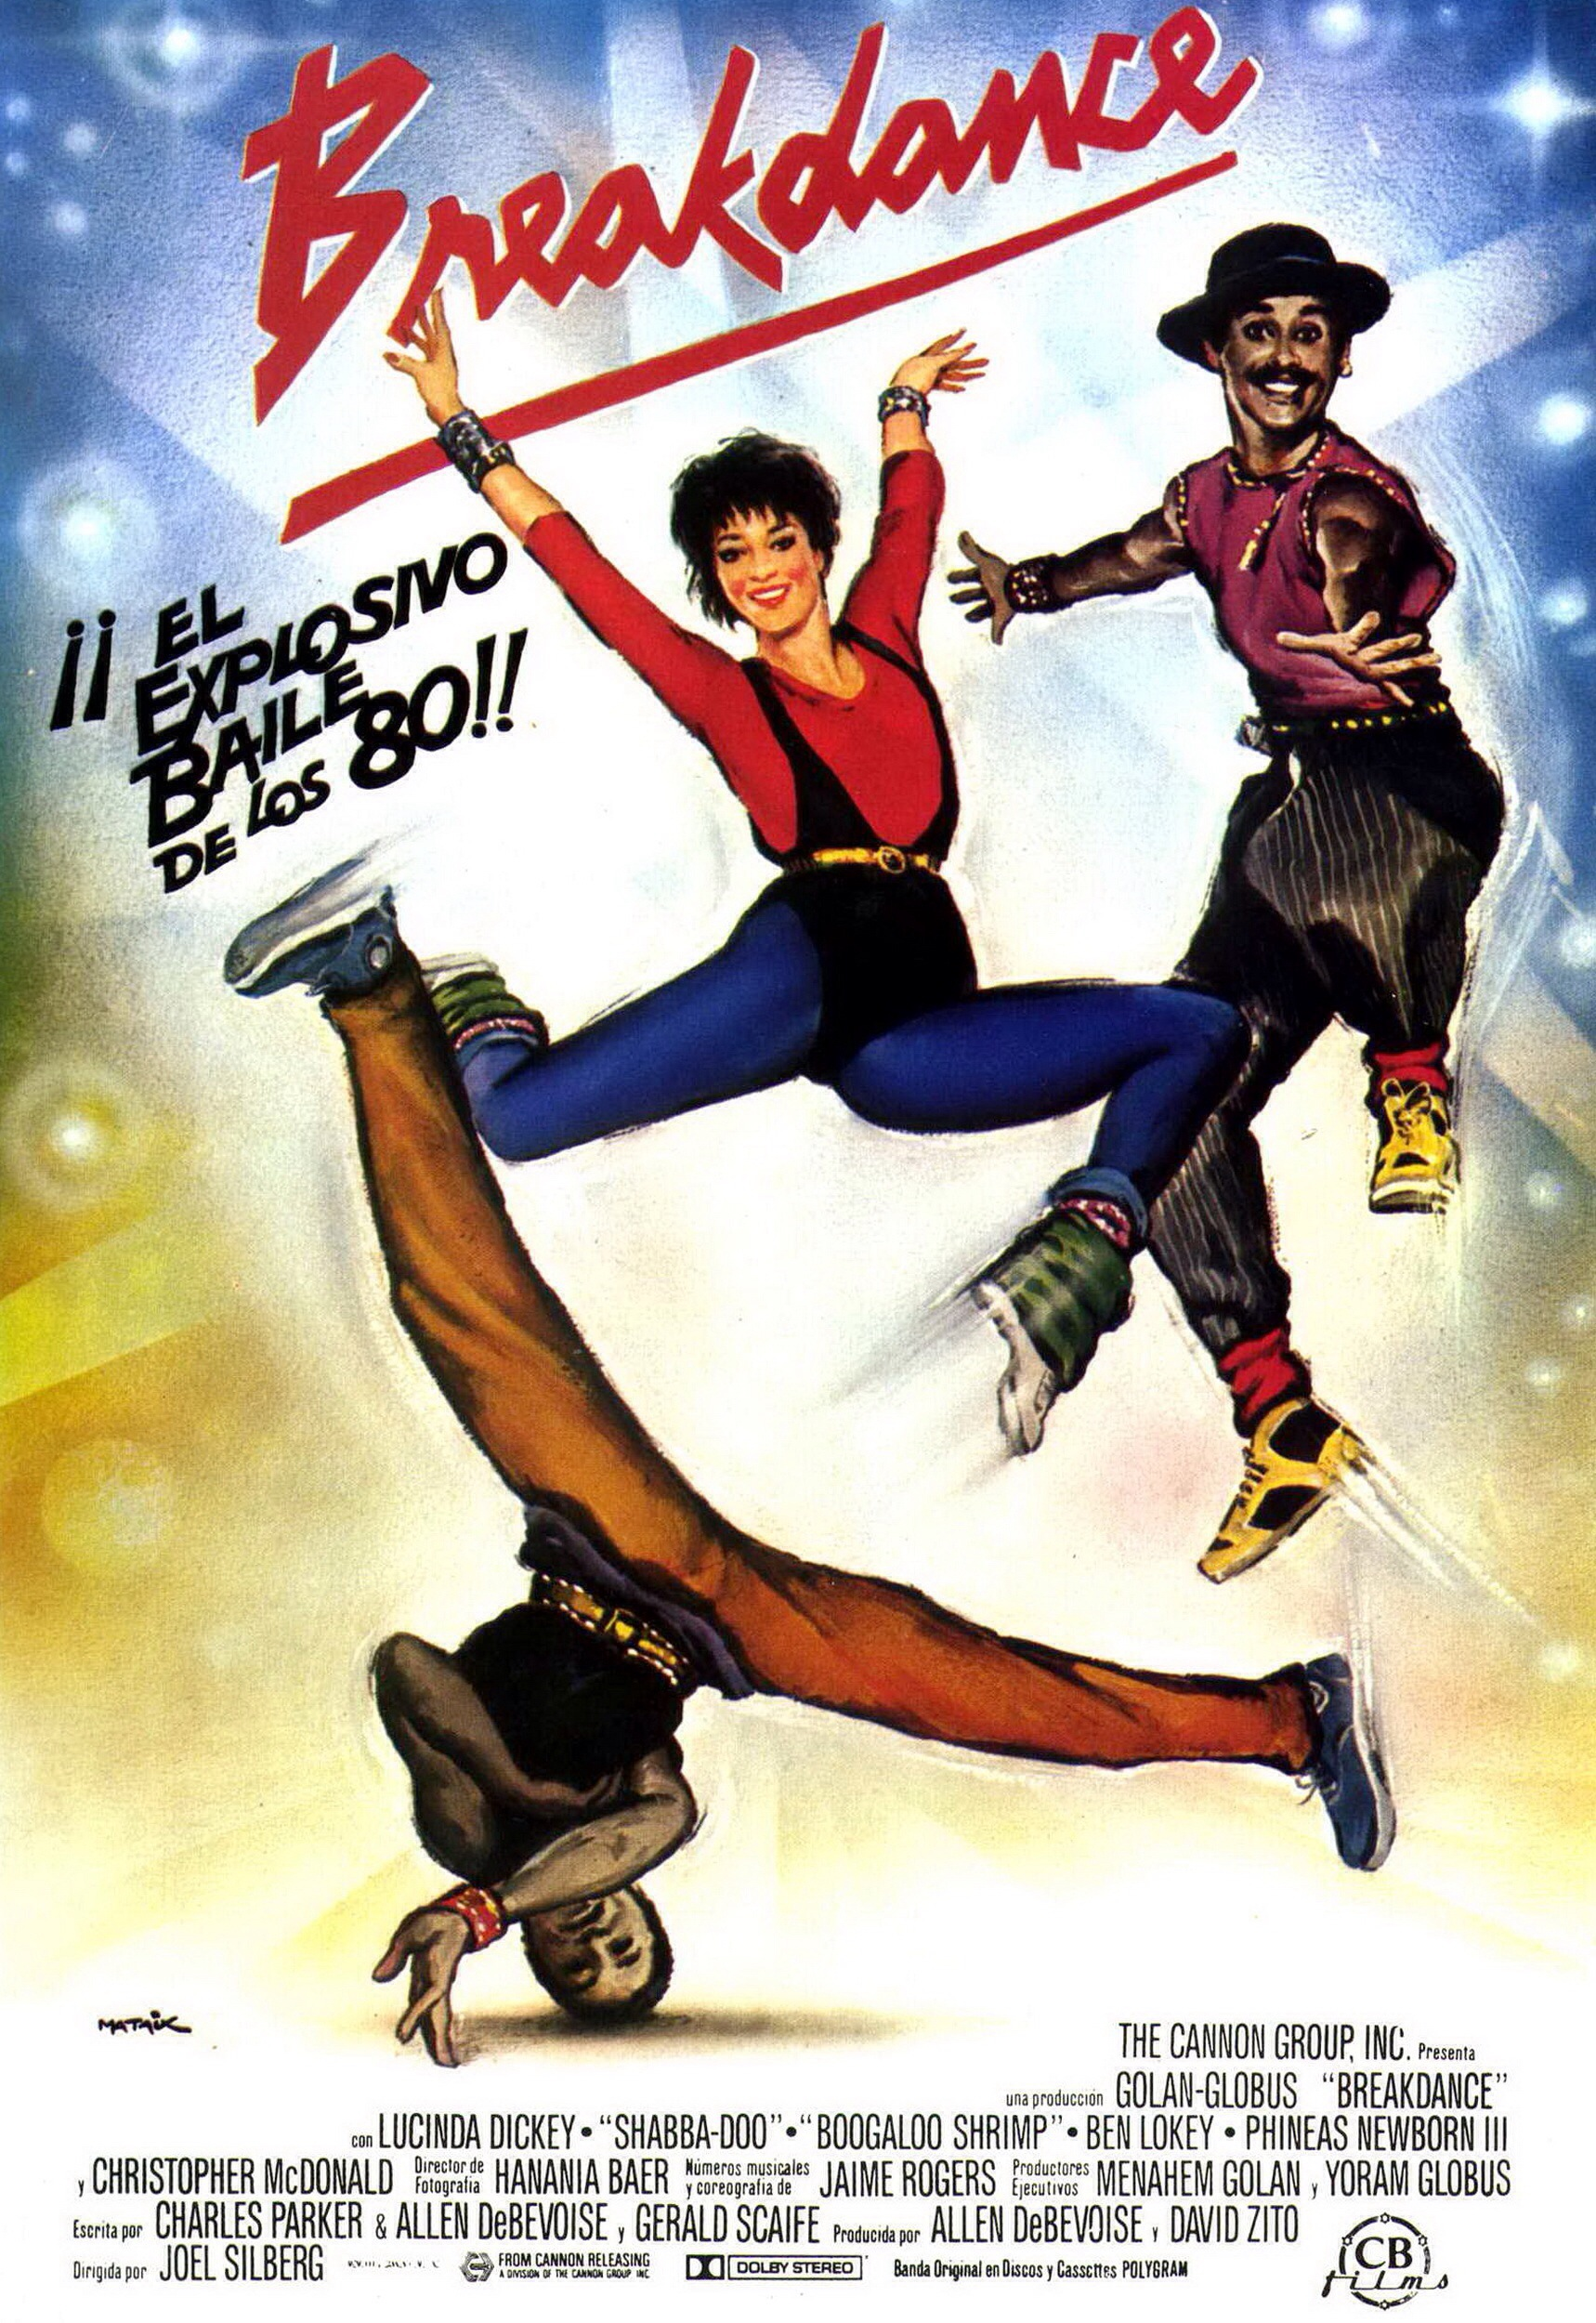 film breakin 1984